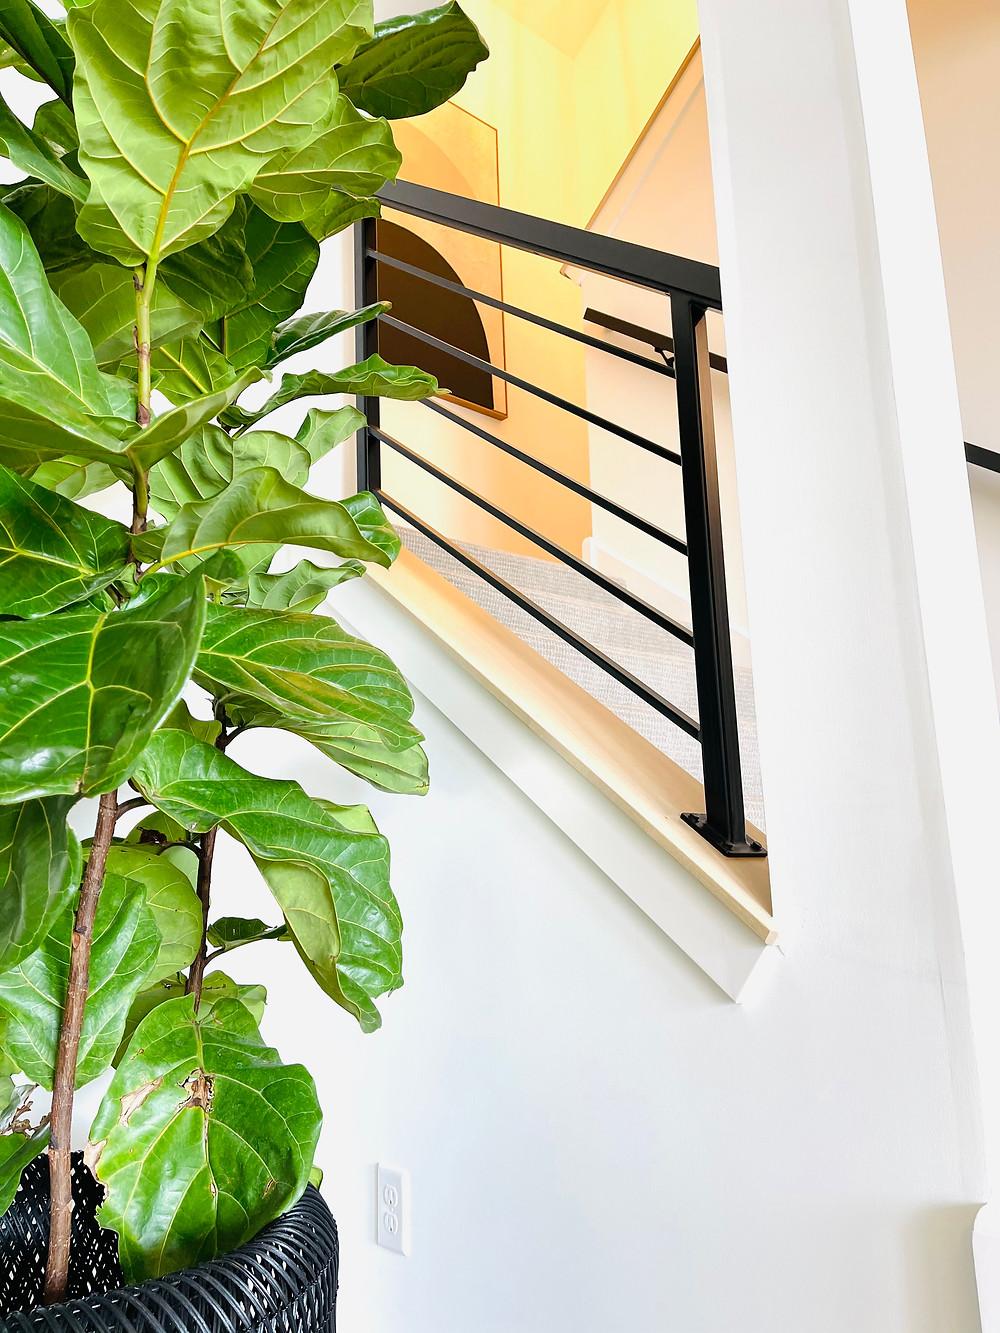 vertical iron railings stairway